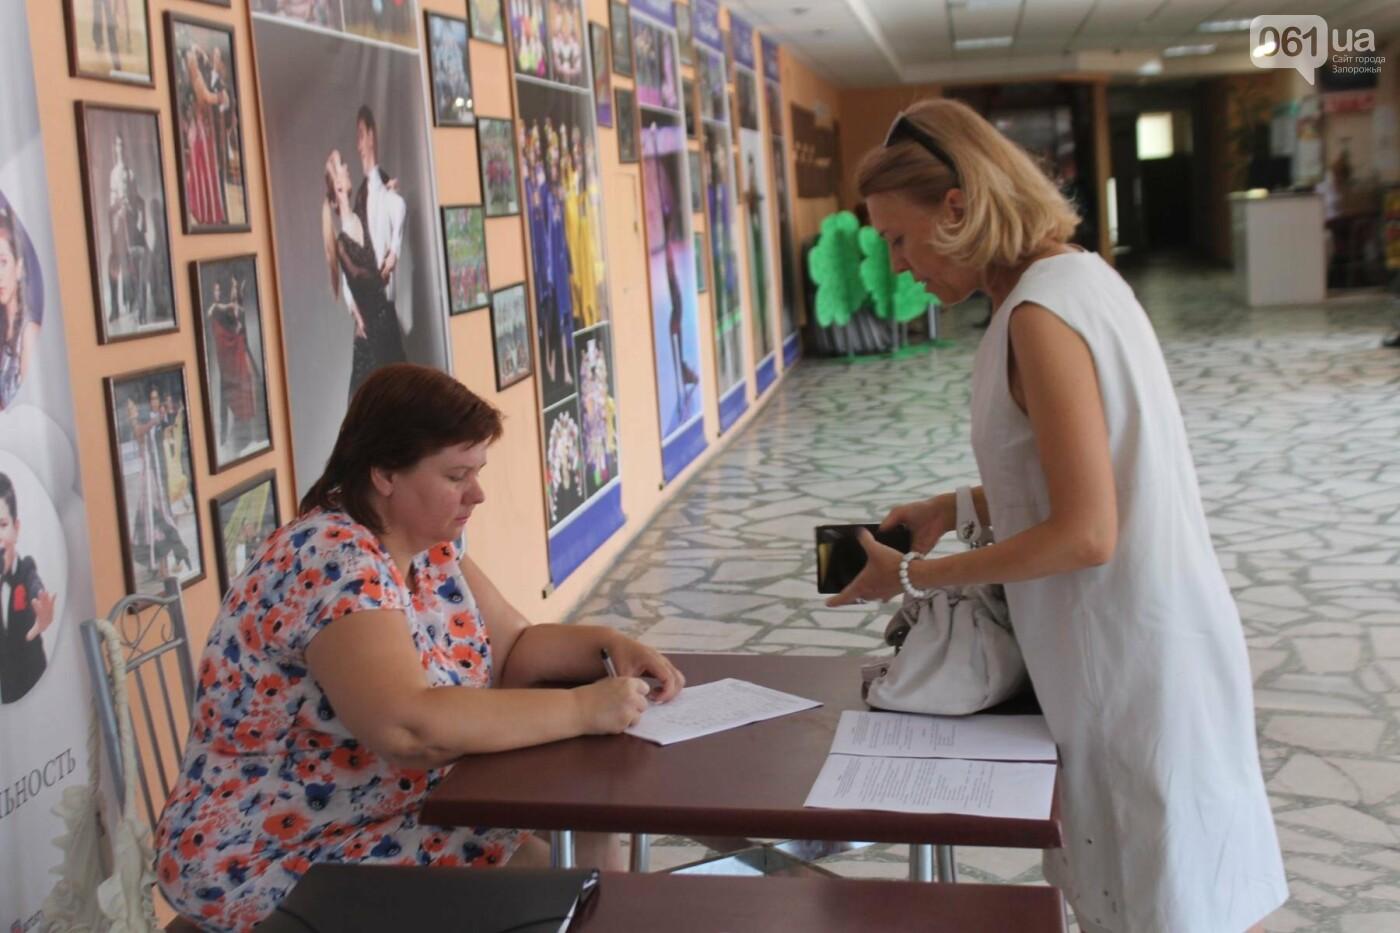 В Запорожье провалили общественные слушания по озеленению города: не пришли даже инициаторы, – ФОТОРЕПОРТАЖ, фото-6